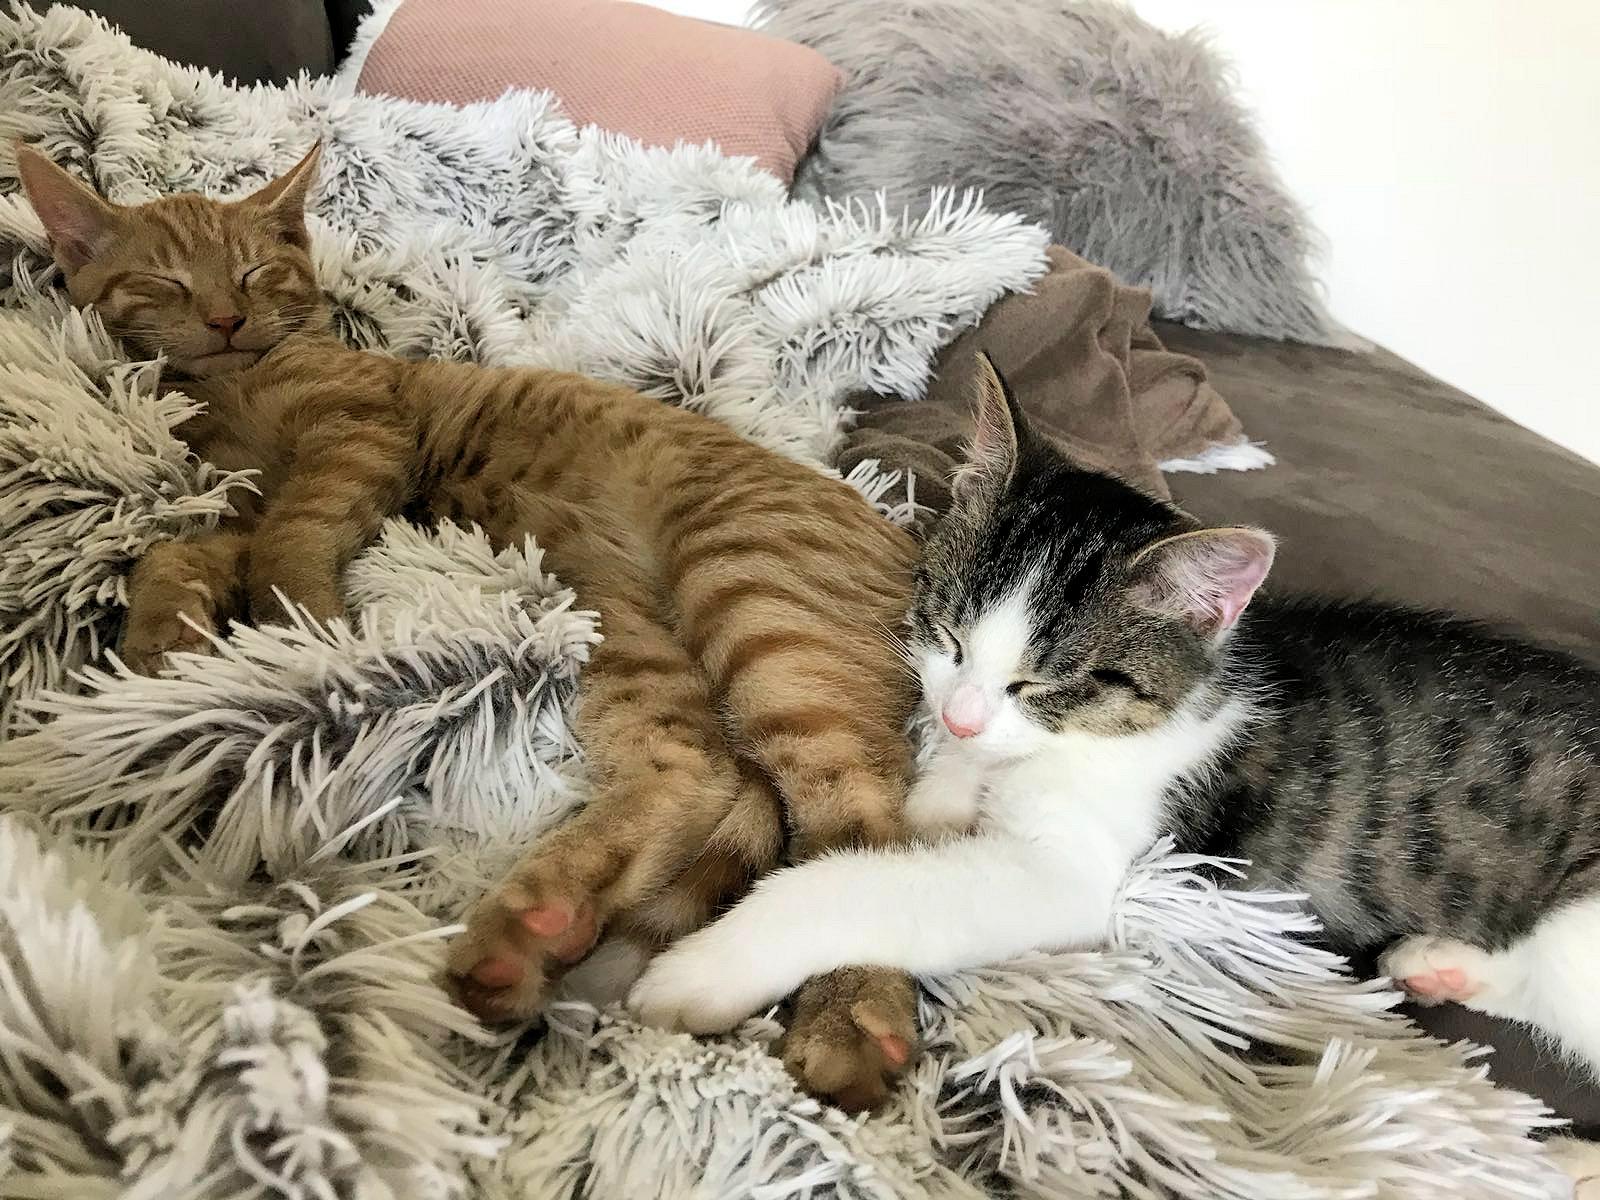 zwei Katzen schlafend auf einem Fell